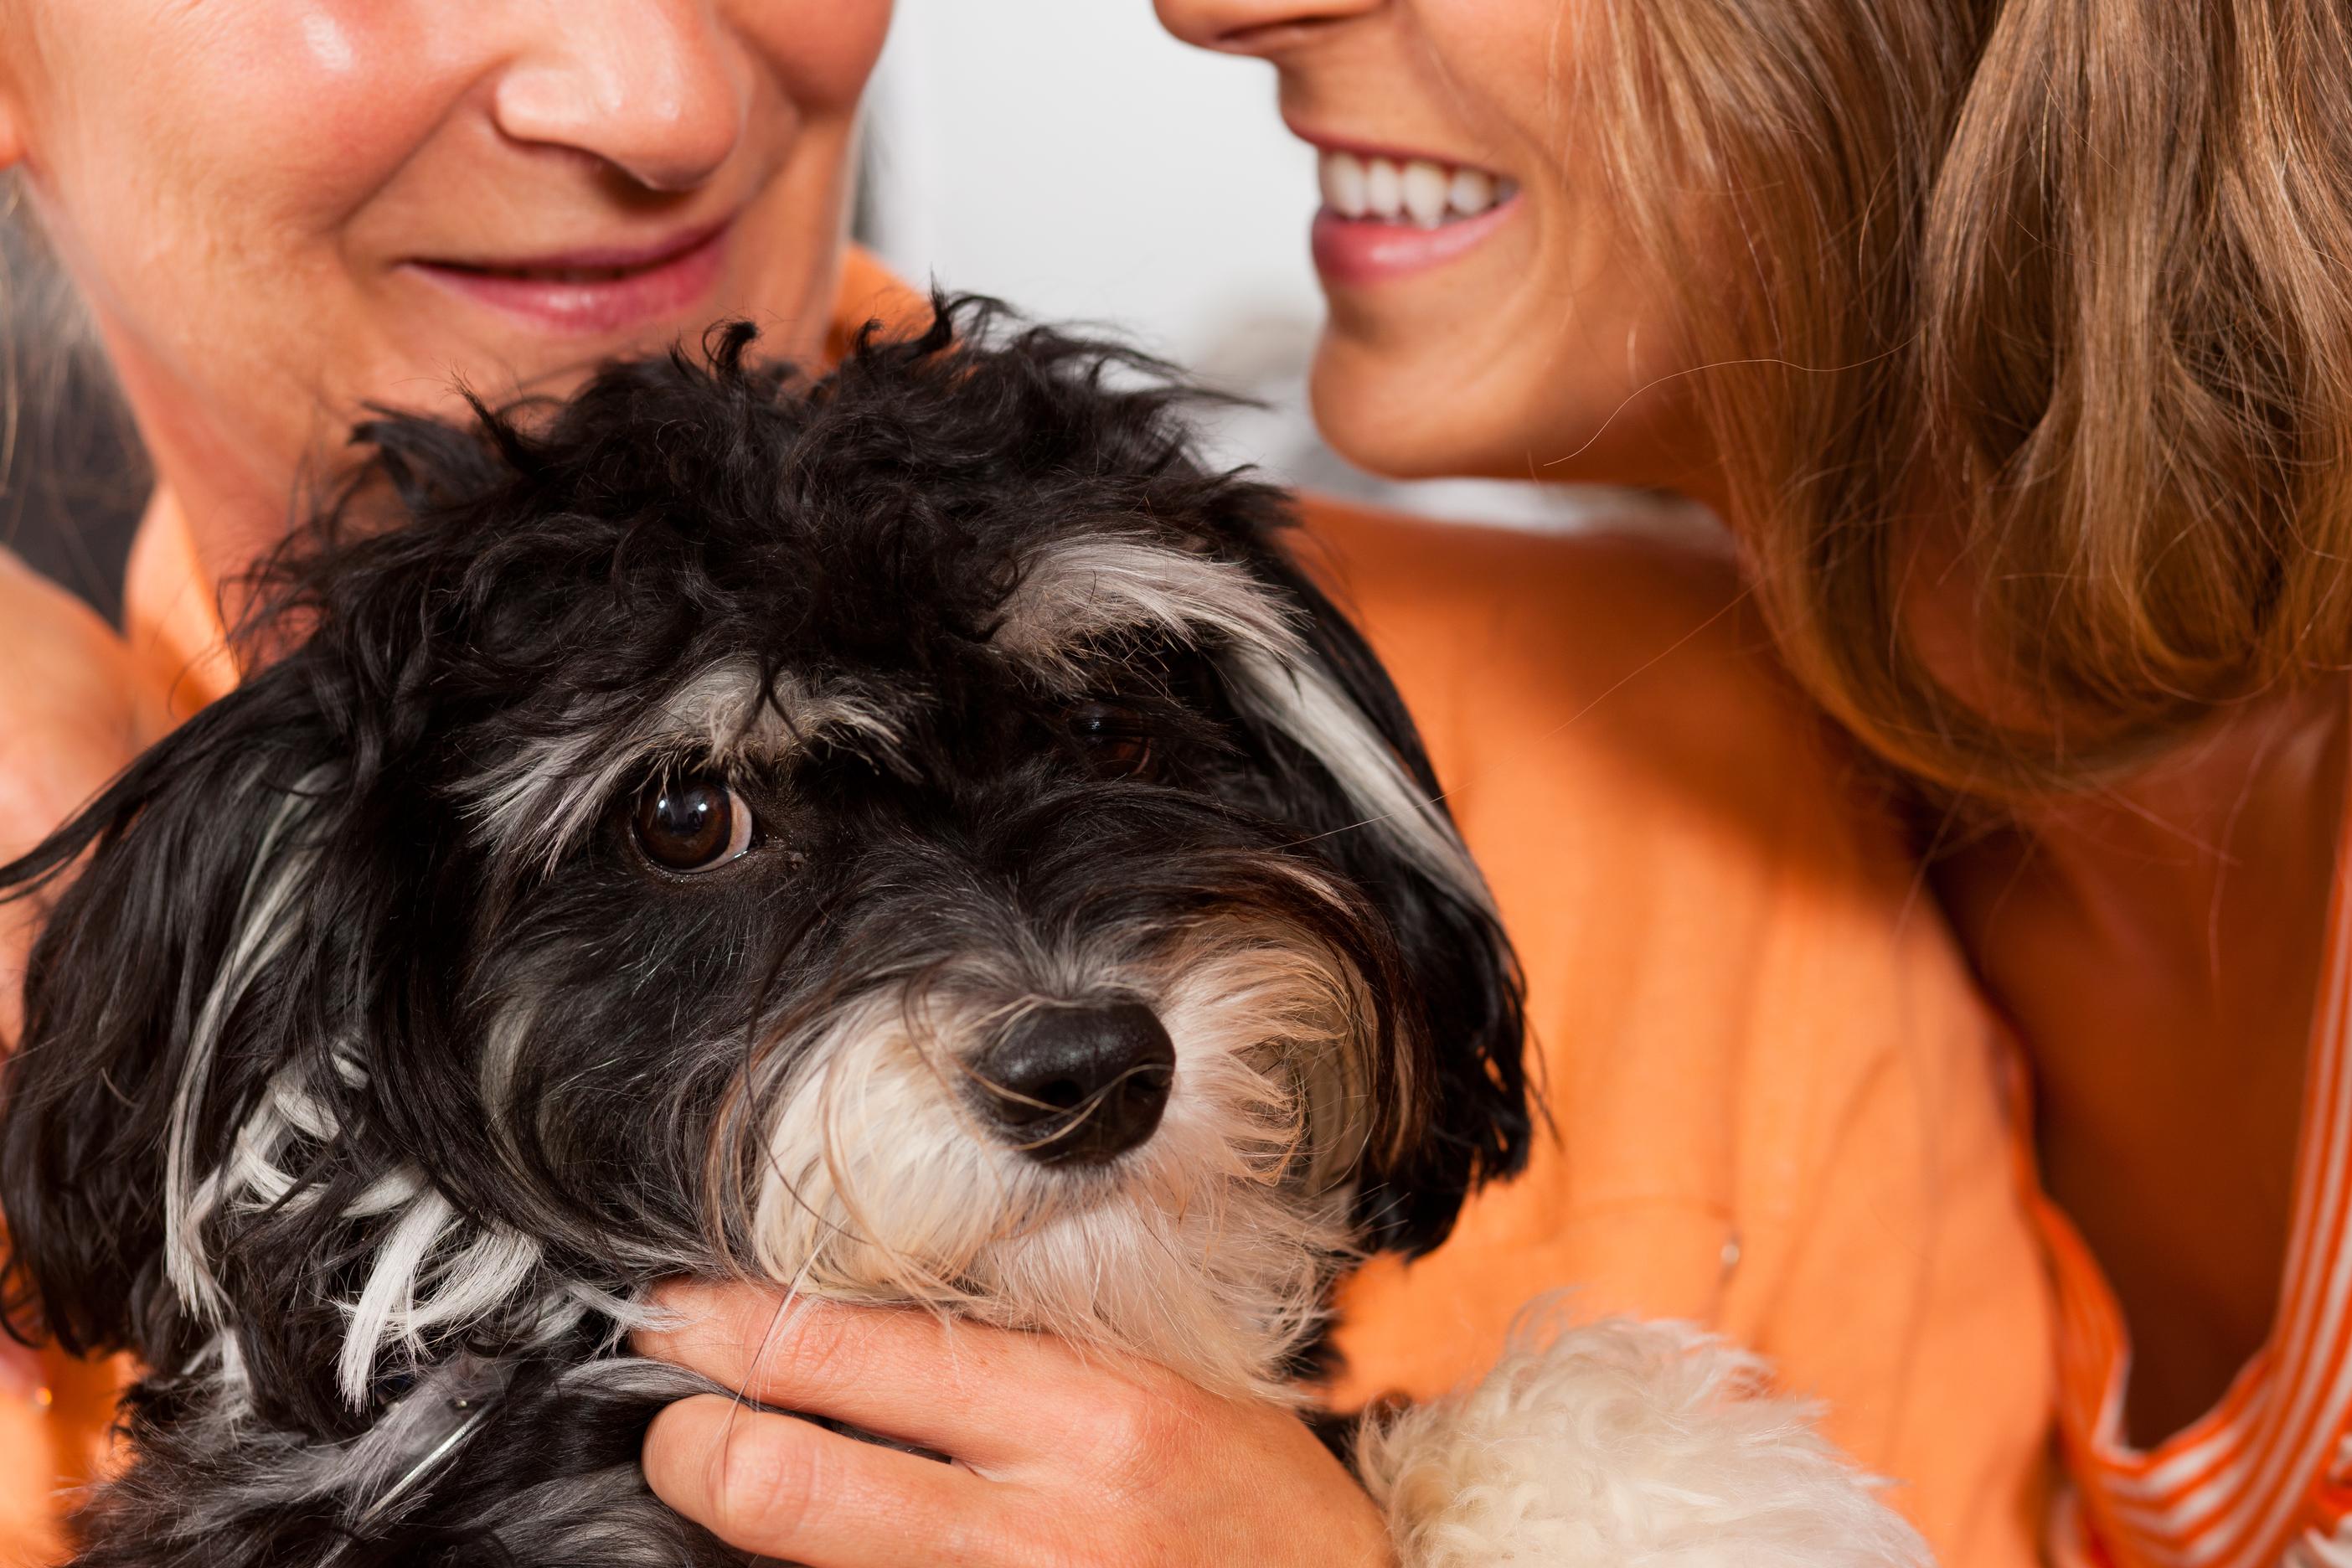 cane e donne ingimage